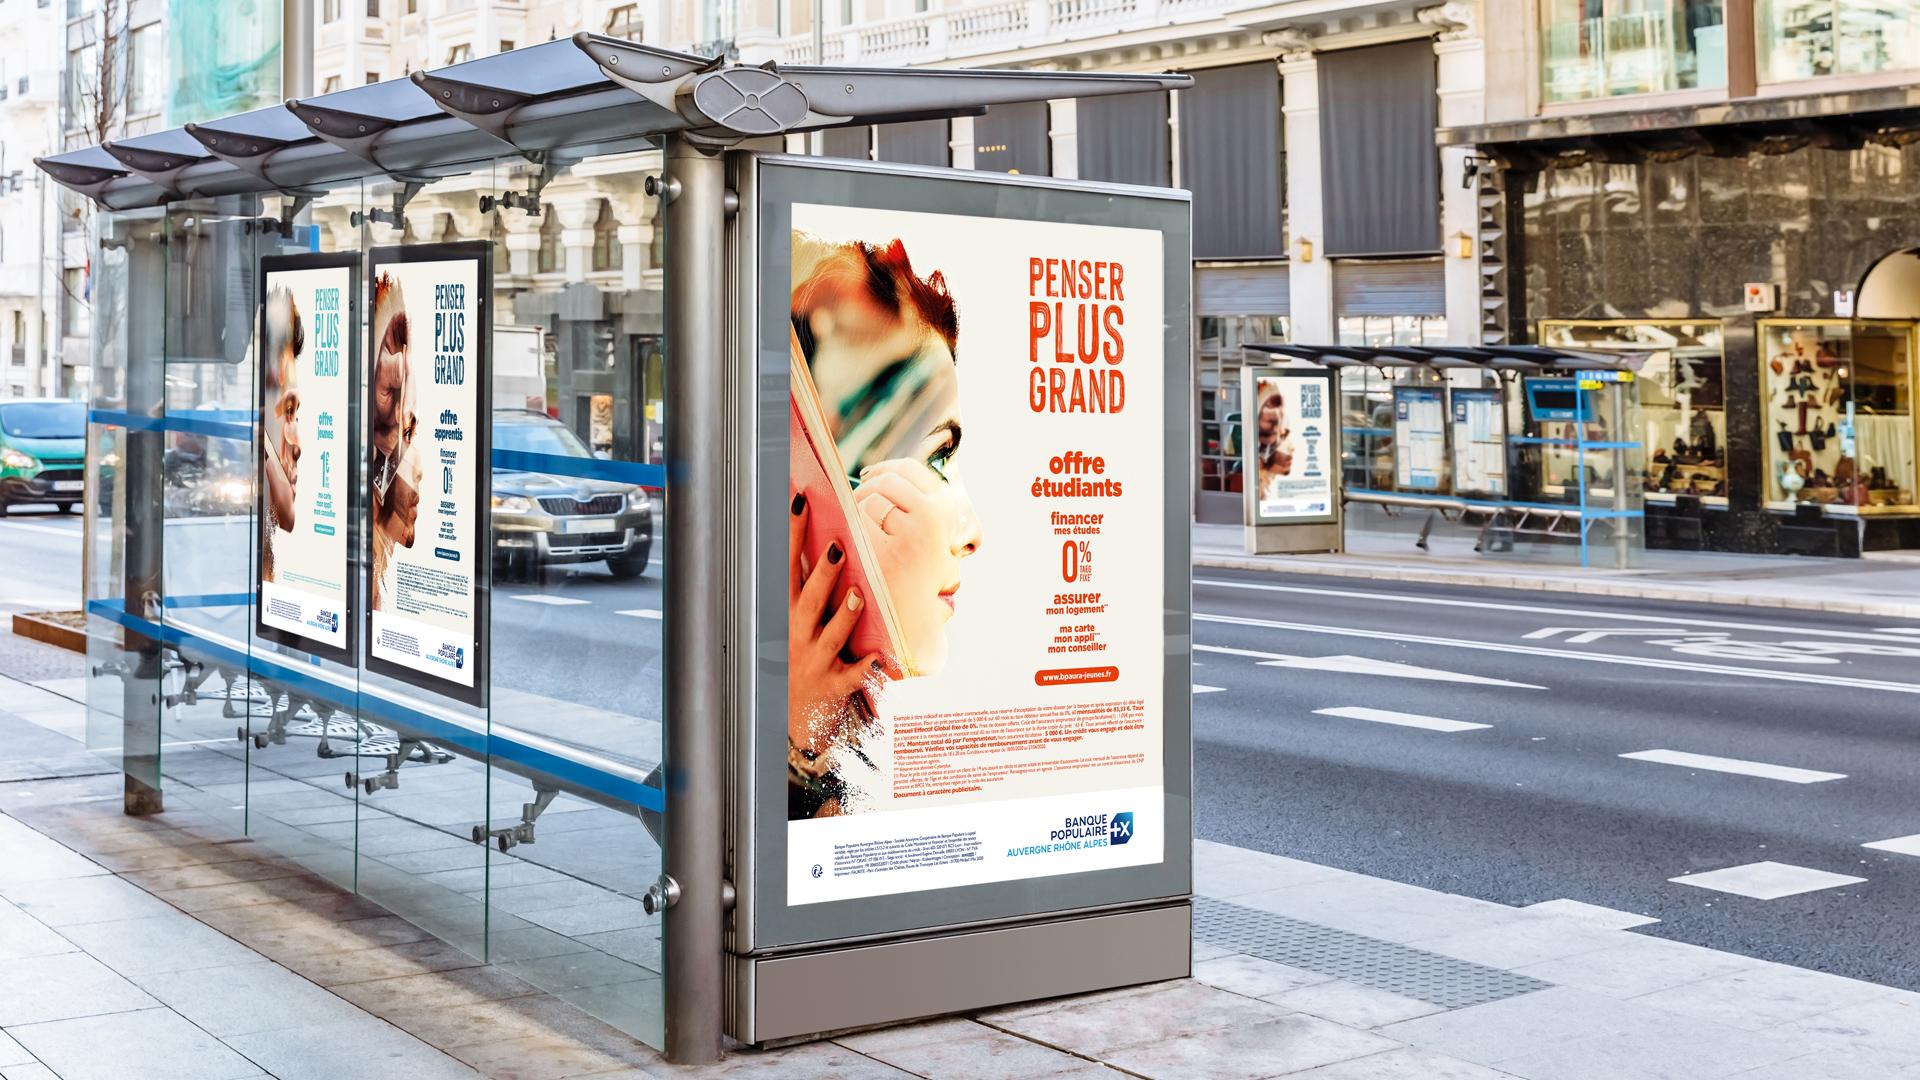 Affiche de la campagne jeune 2020 de la Banque Populaire sur les abris bus de la ville